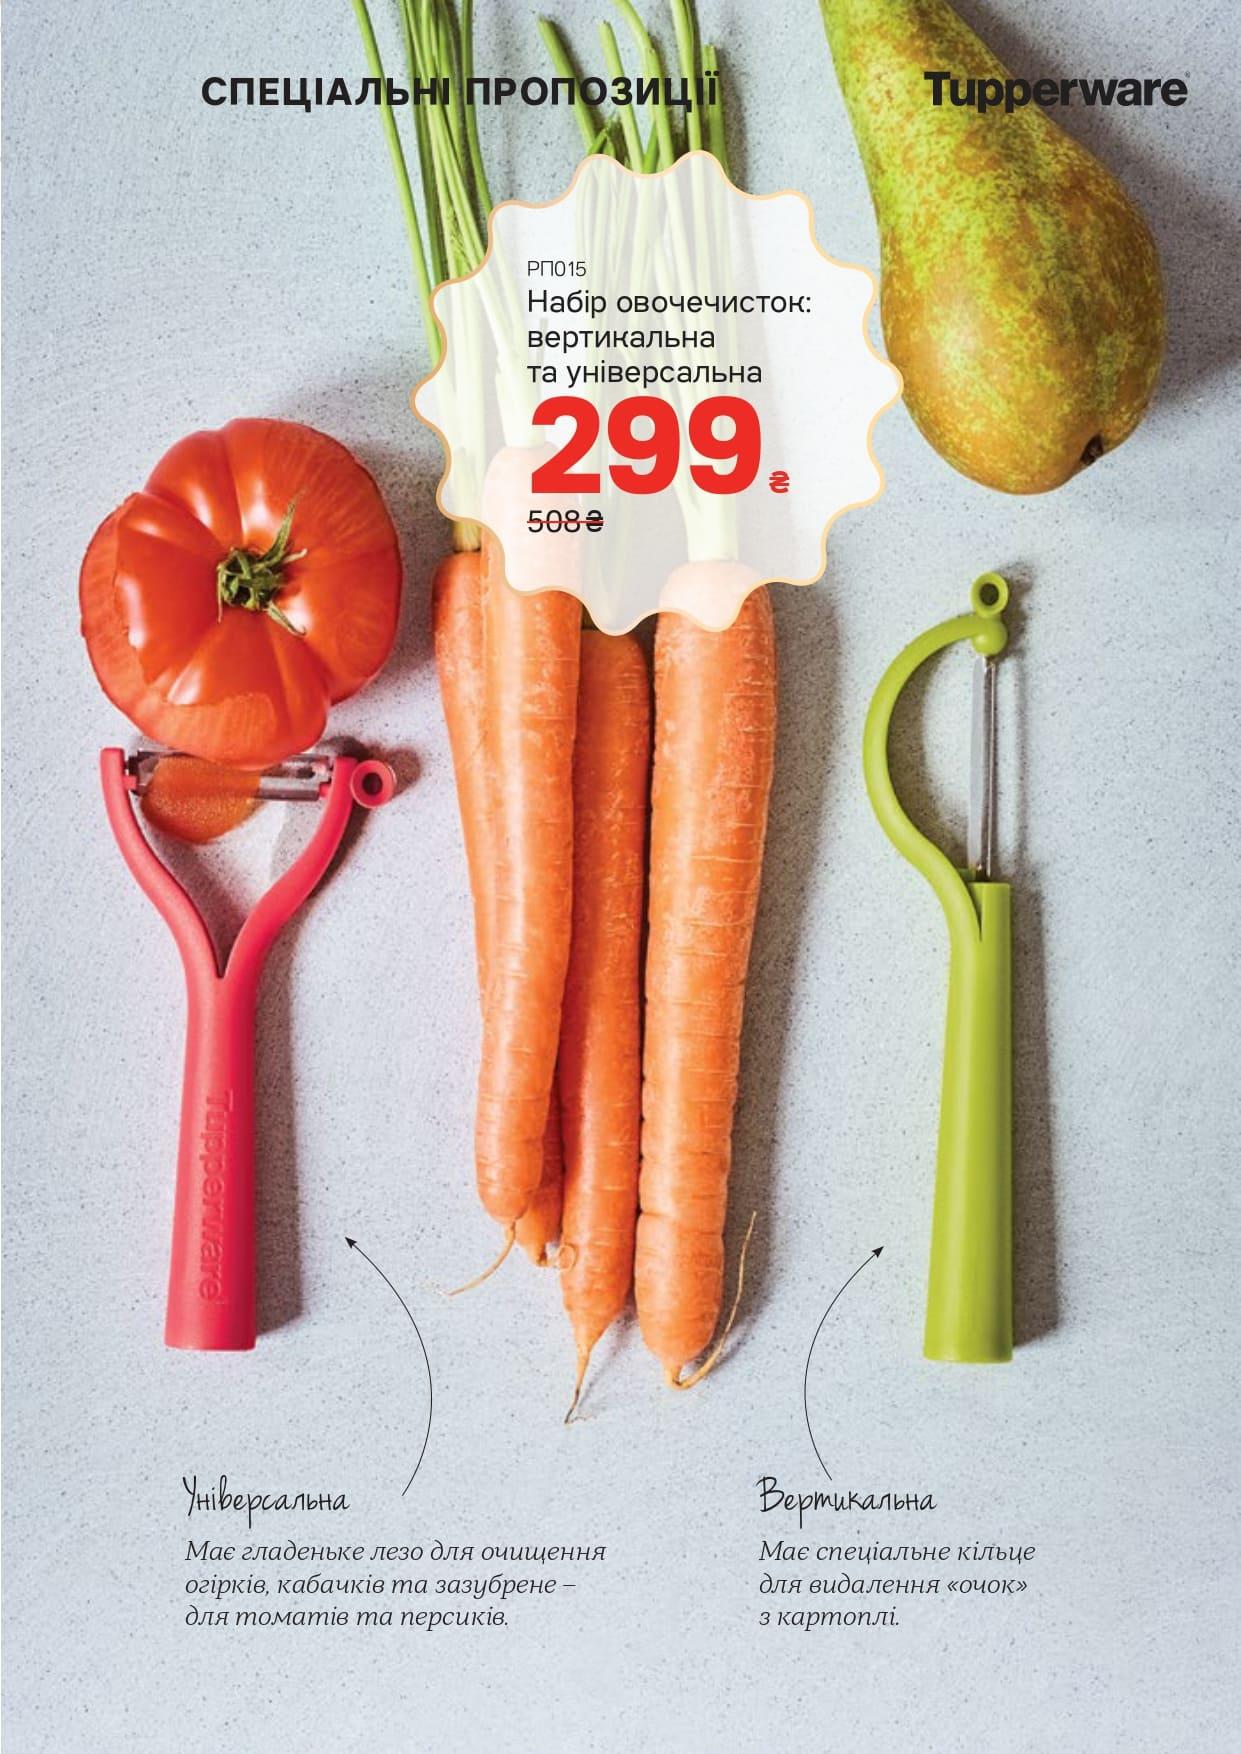 Две чистки для овощей купить, скадка 41 процент.